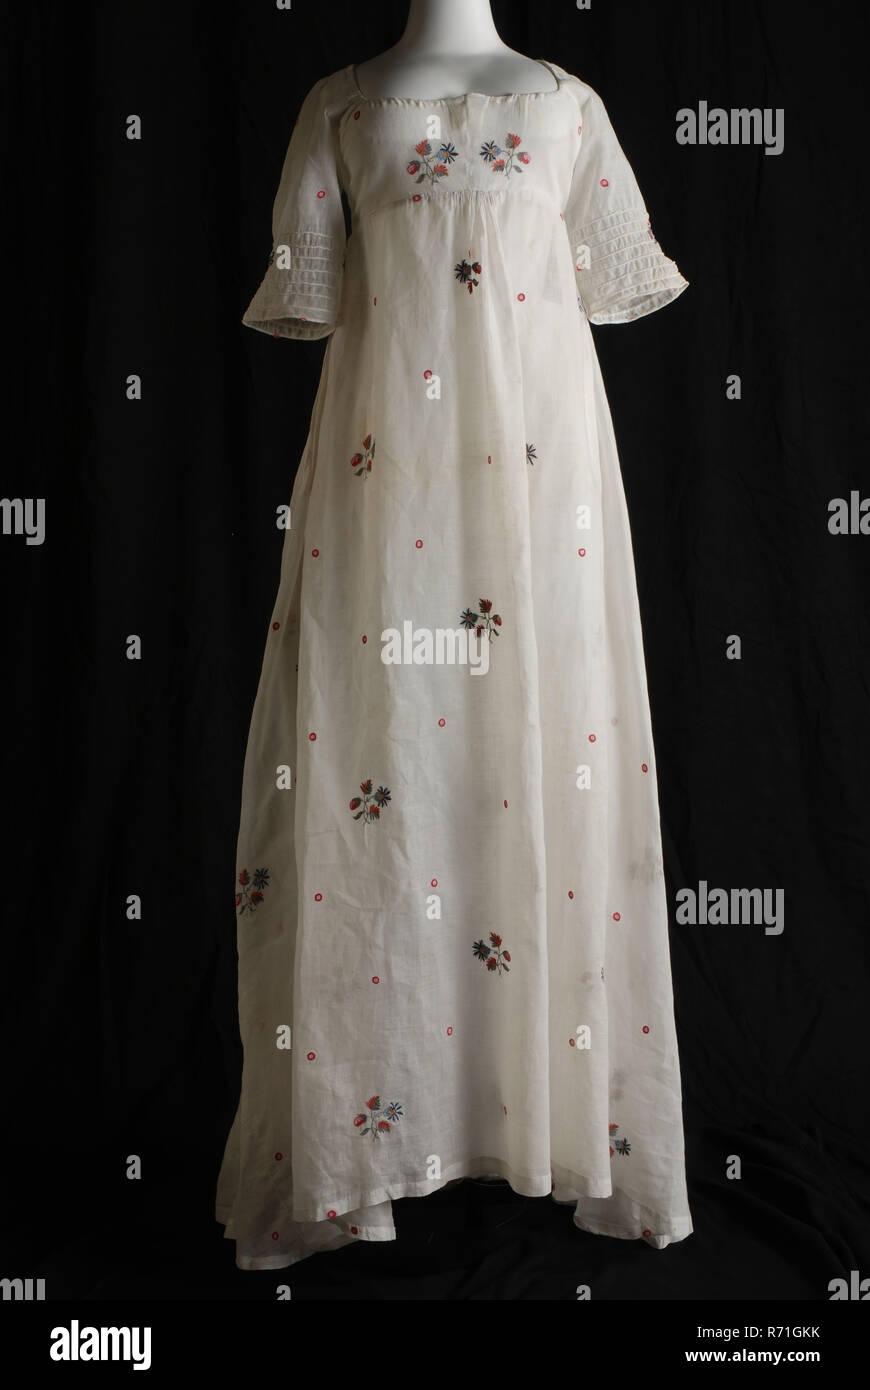 Empire Kleid von weißen Batist bestickt mit bunten Blumenmotiven